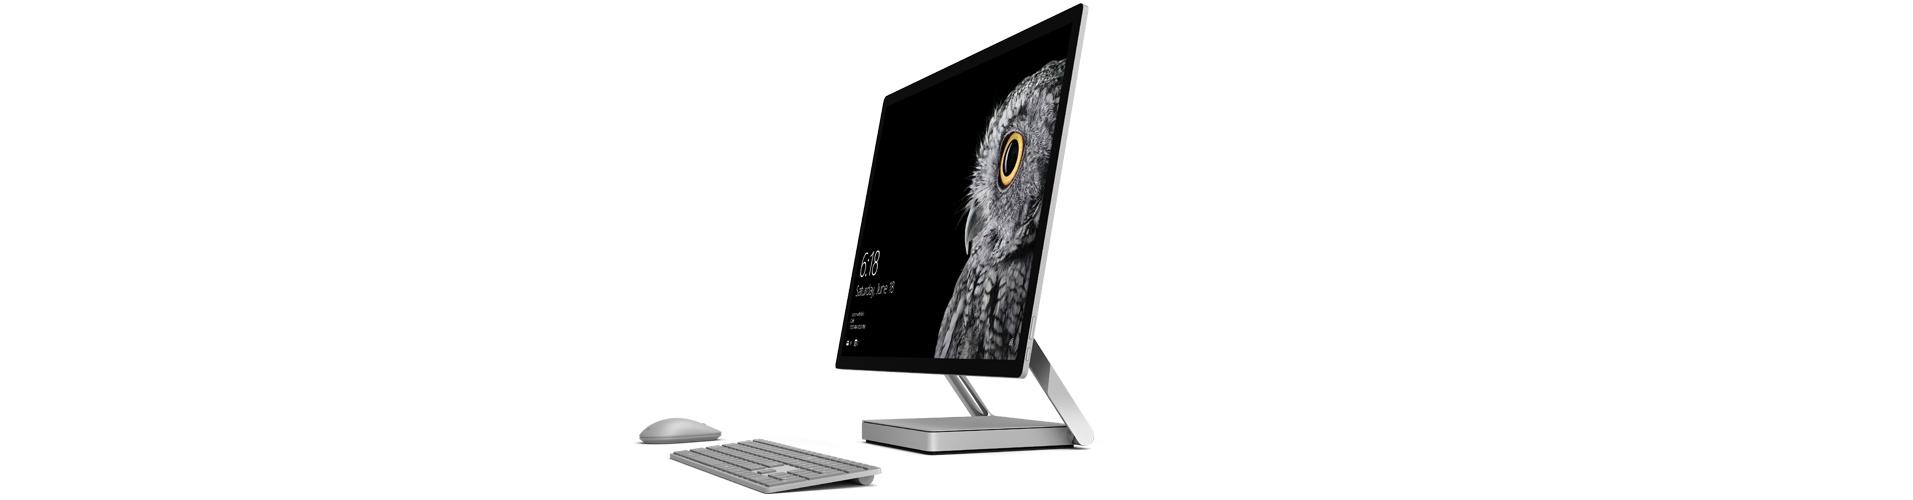 Surface Studio pystyasennossa Surface-hiiren ja näppäimistön kanssa.